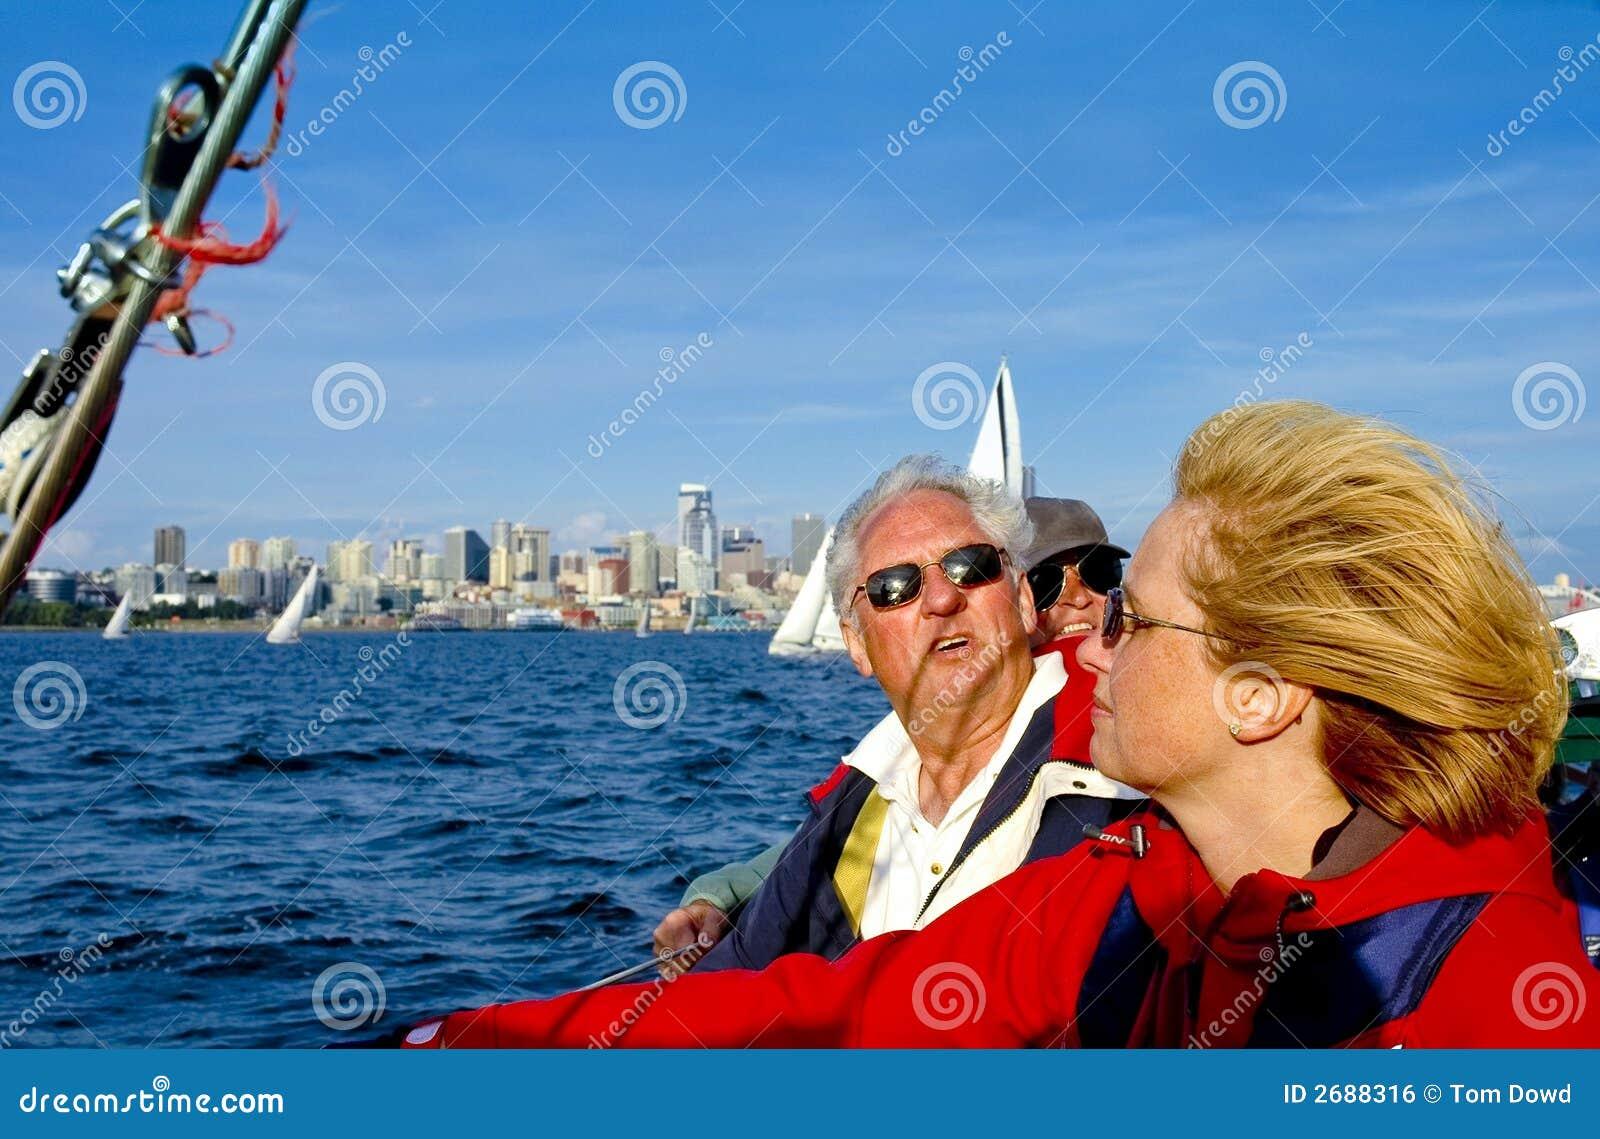 上尉乘员组风船